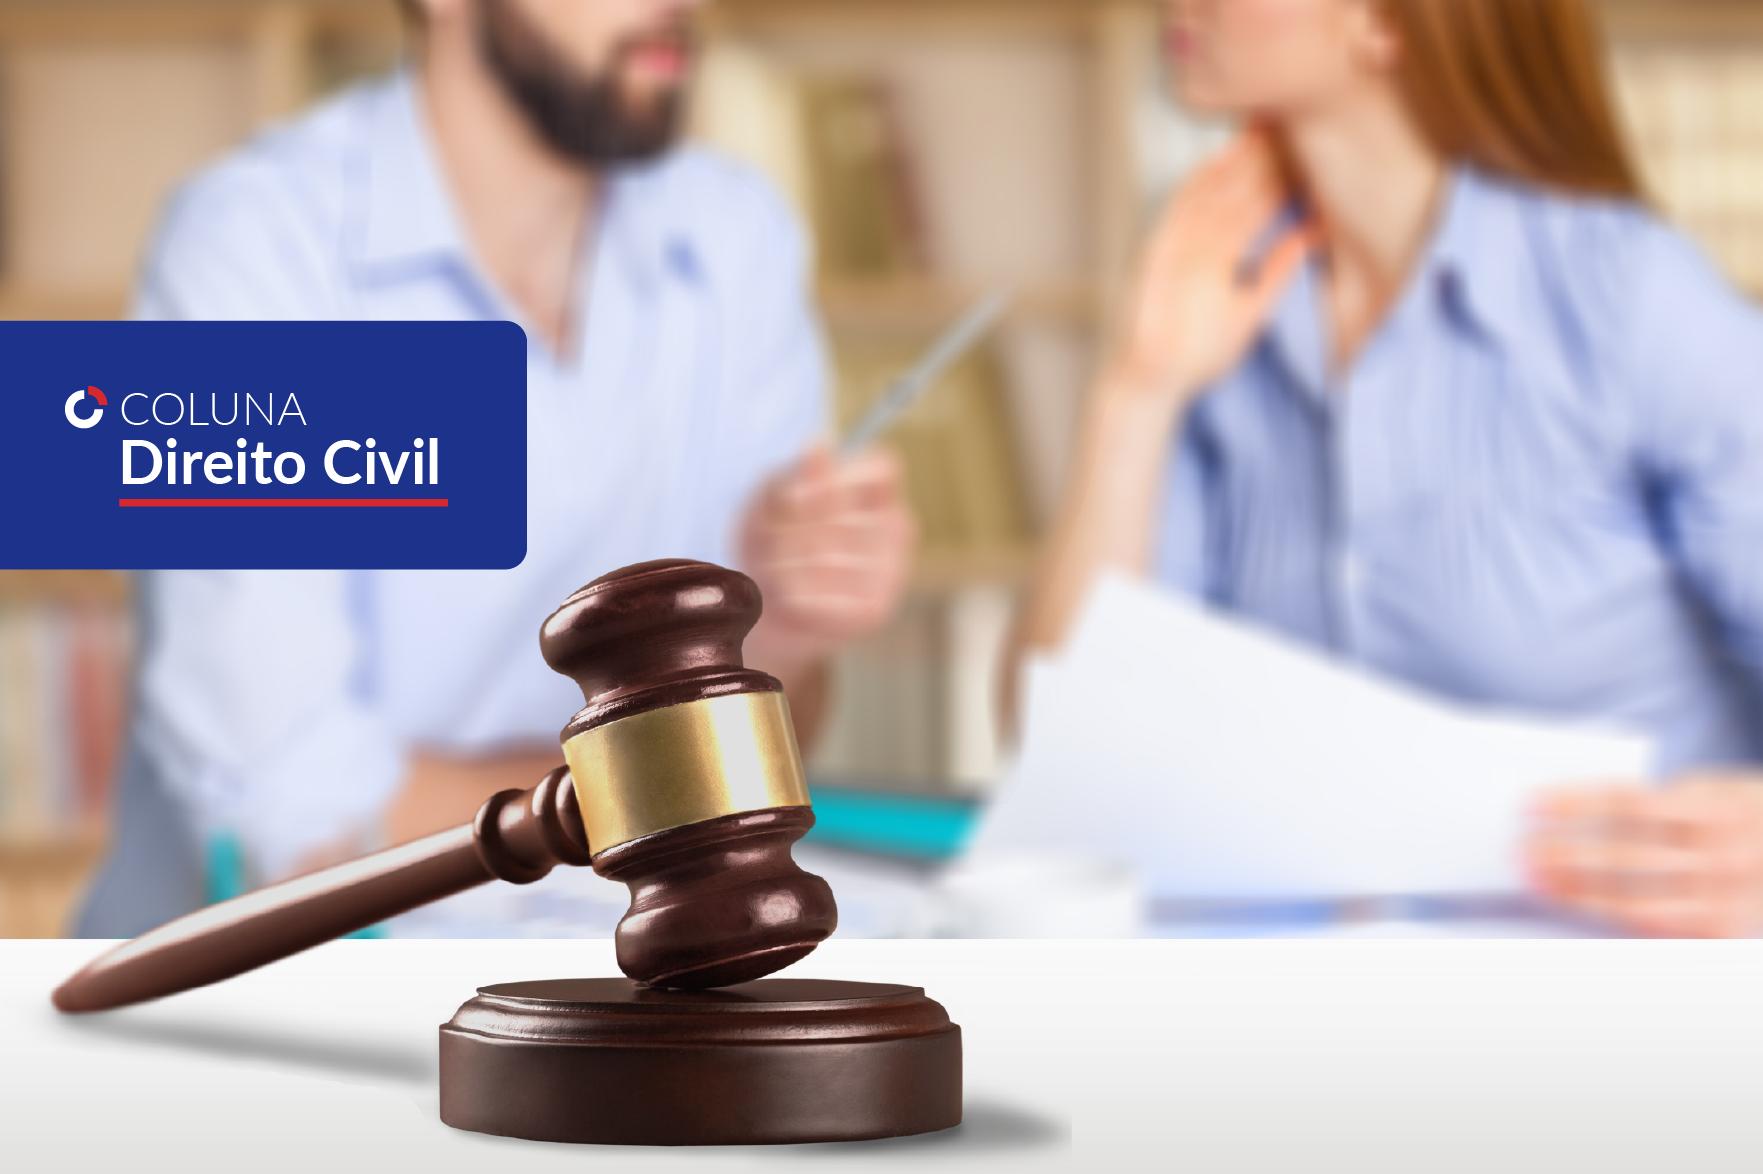 Abuso no exercício da liberdade de expressão e indignidade no Direito de Família   Coluna Direito Civil